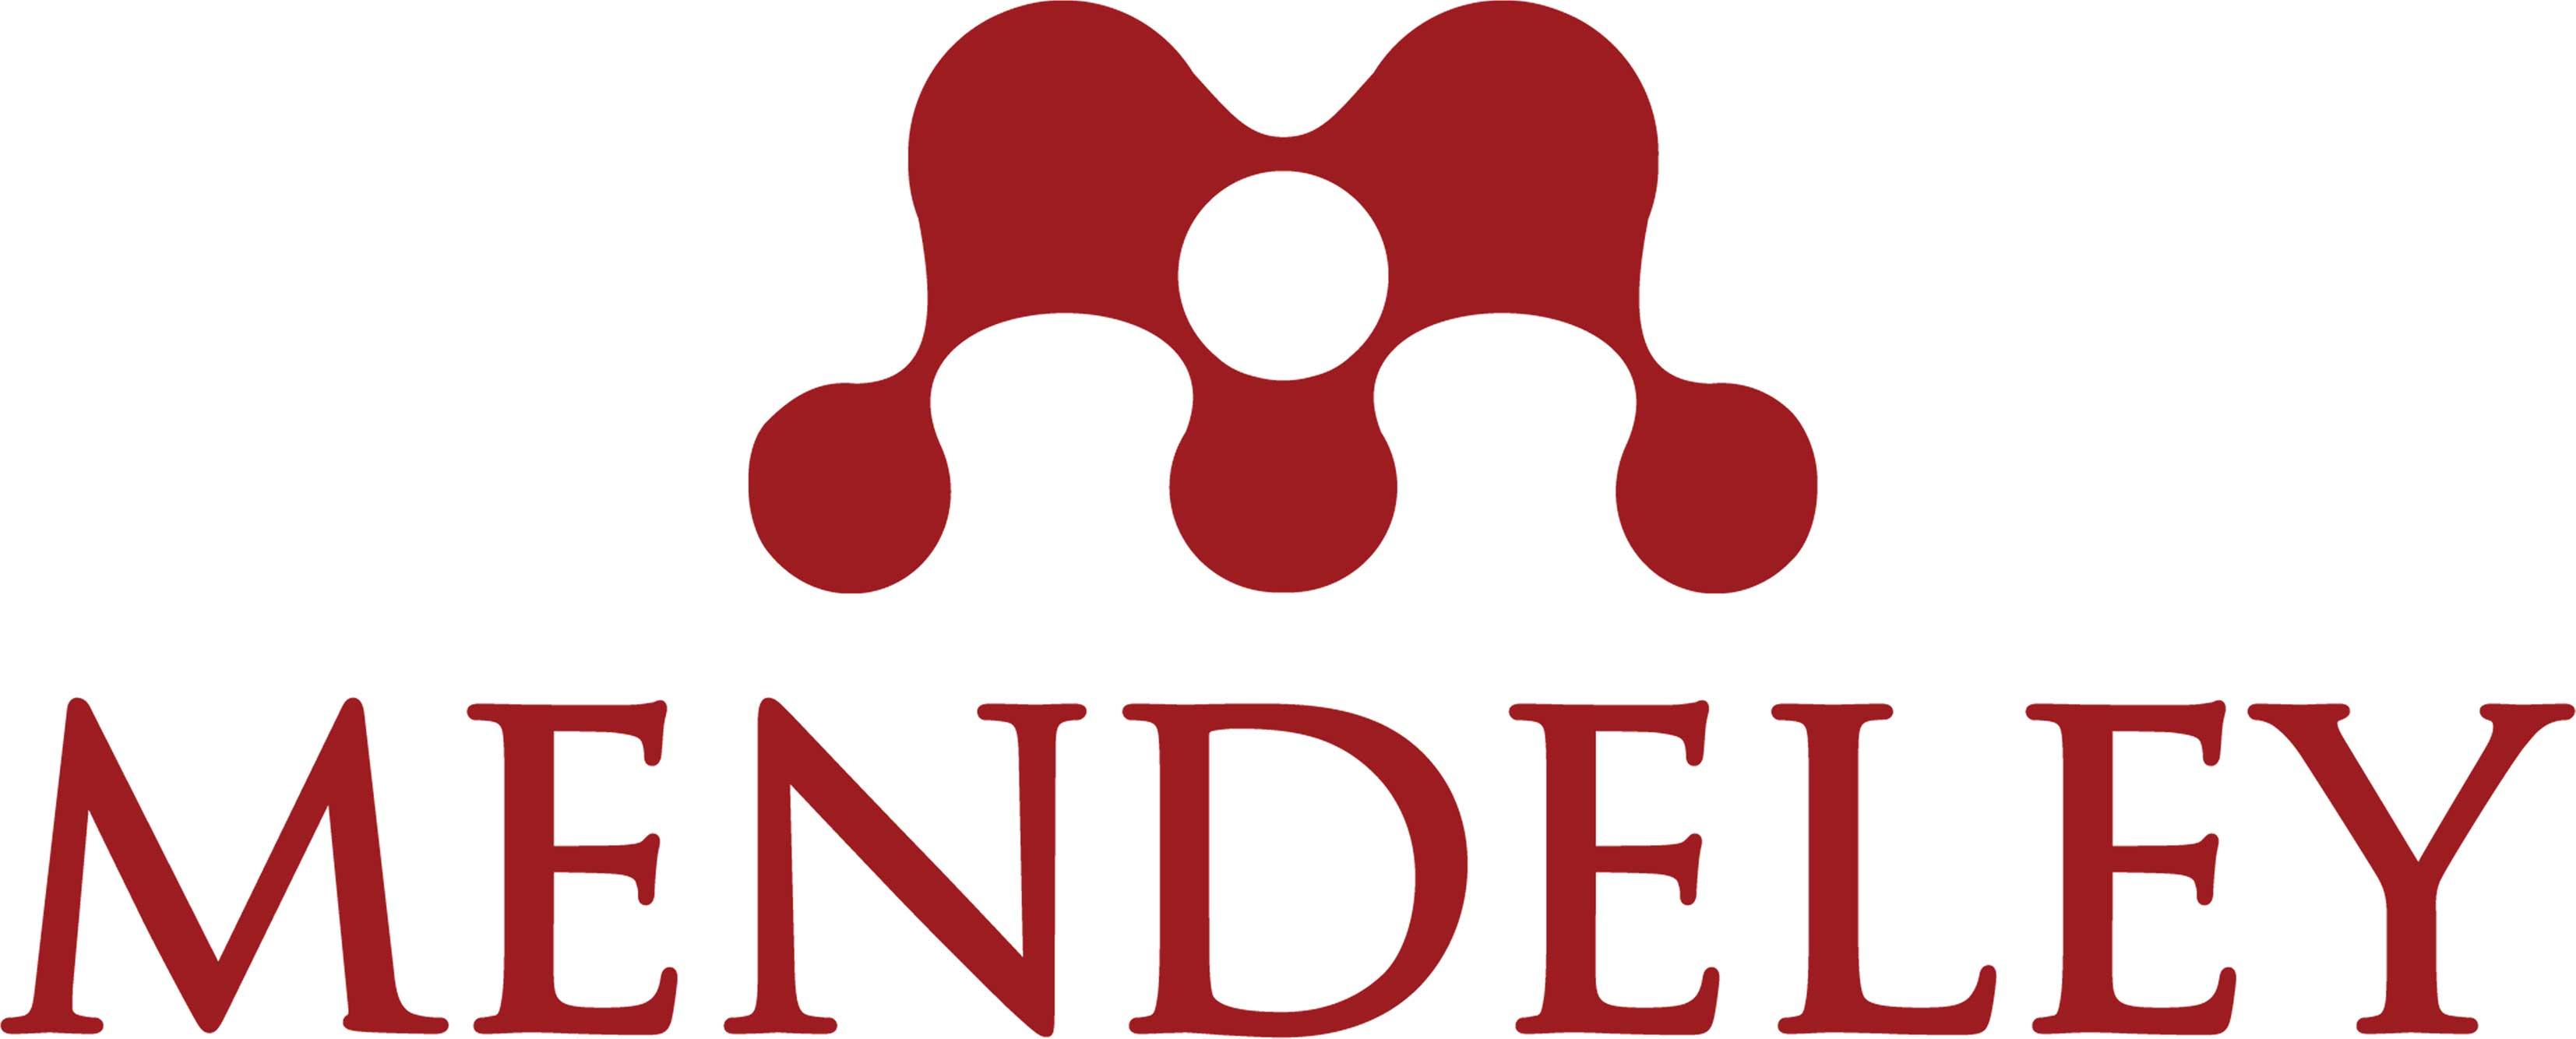 Hasil gambar untuk mendeley logo